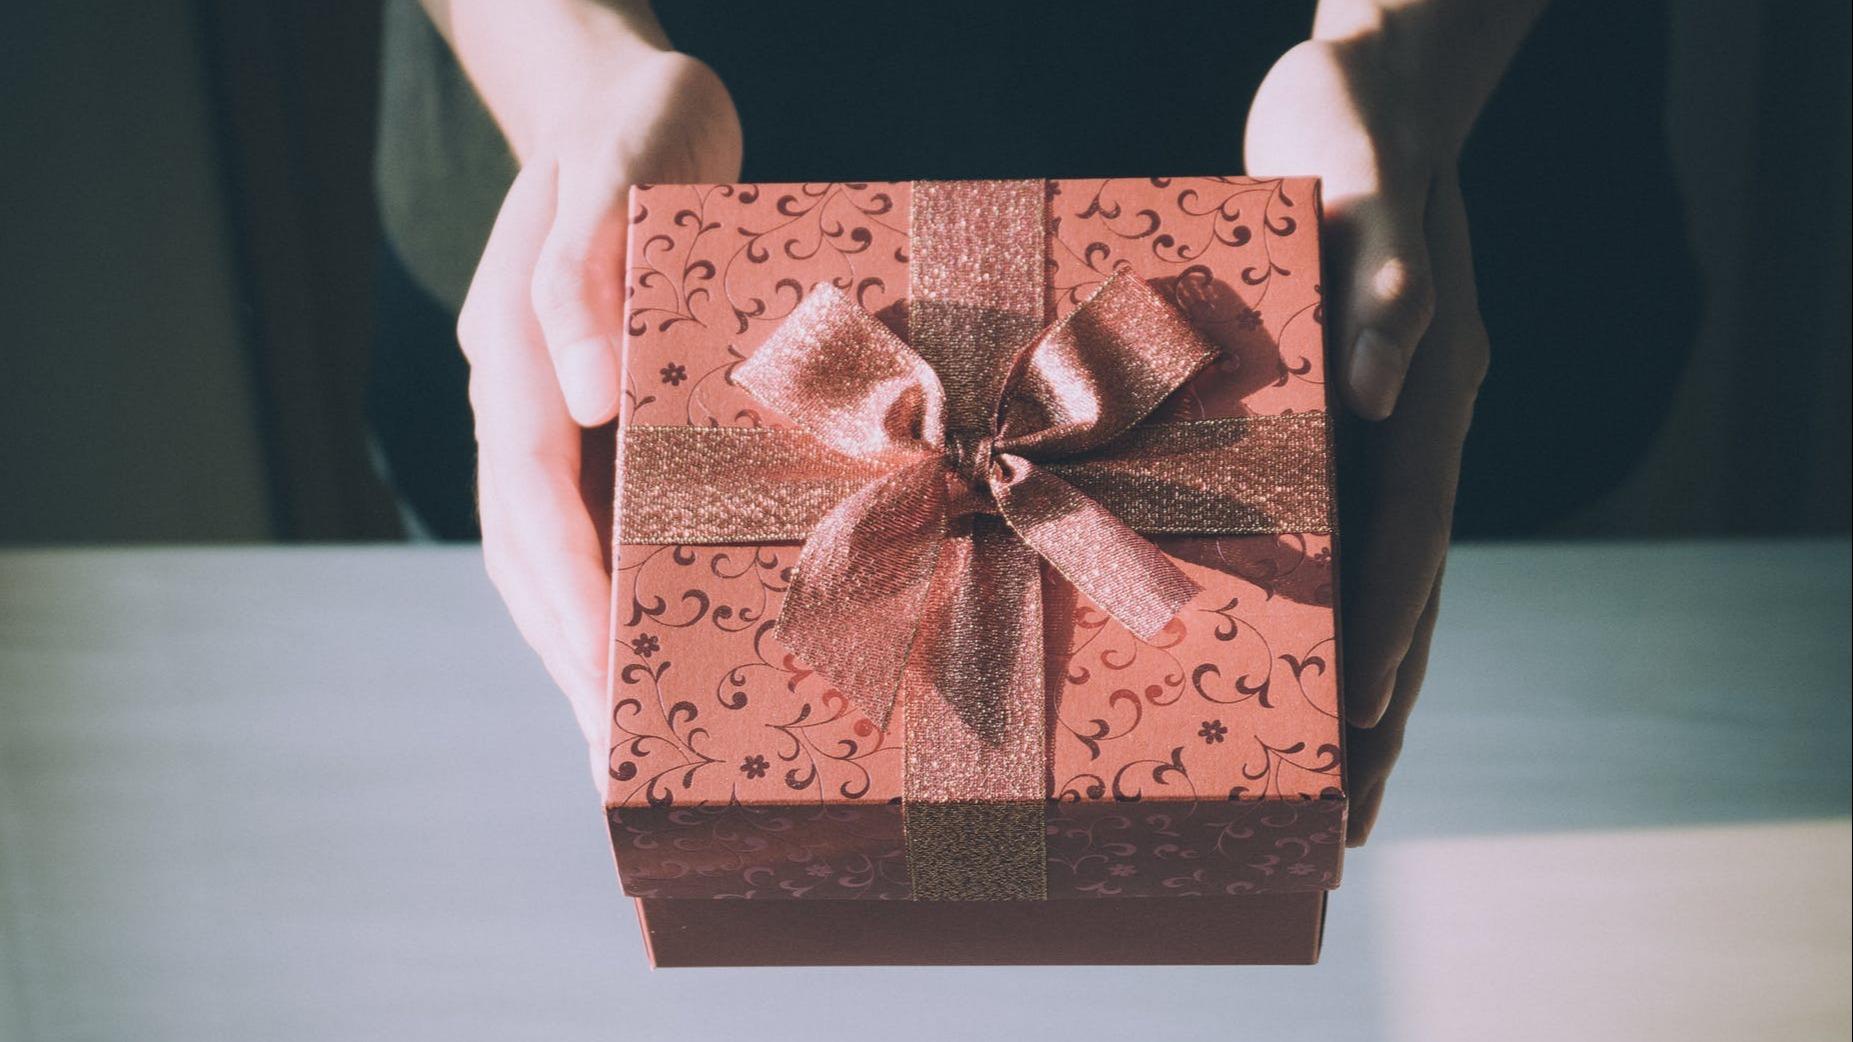 Cadouri de casă nouă - cum alegi cadourile potrivite și ce trebuie să eviți